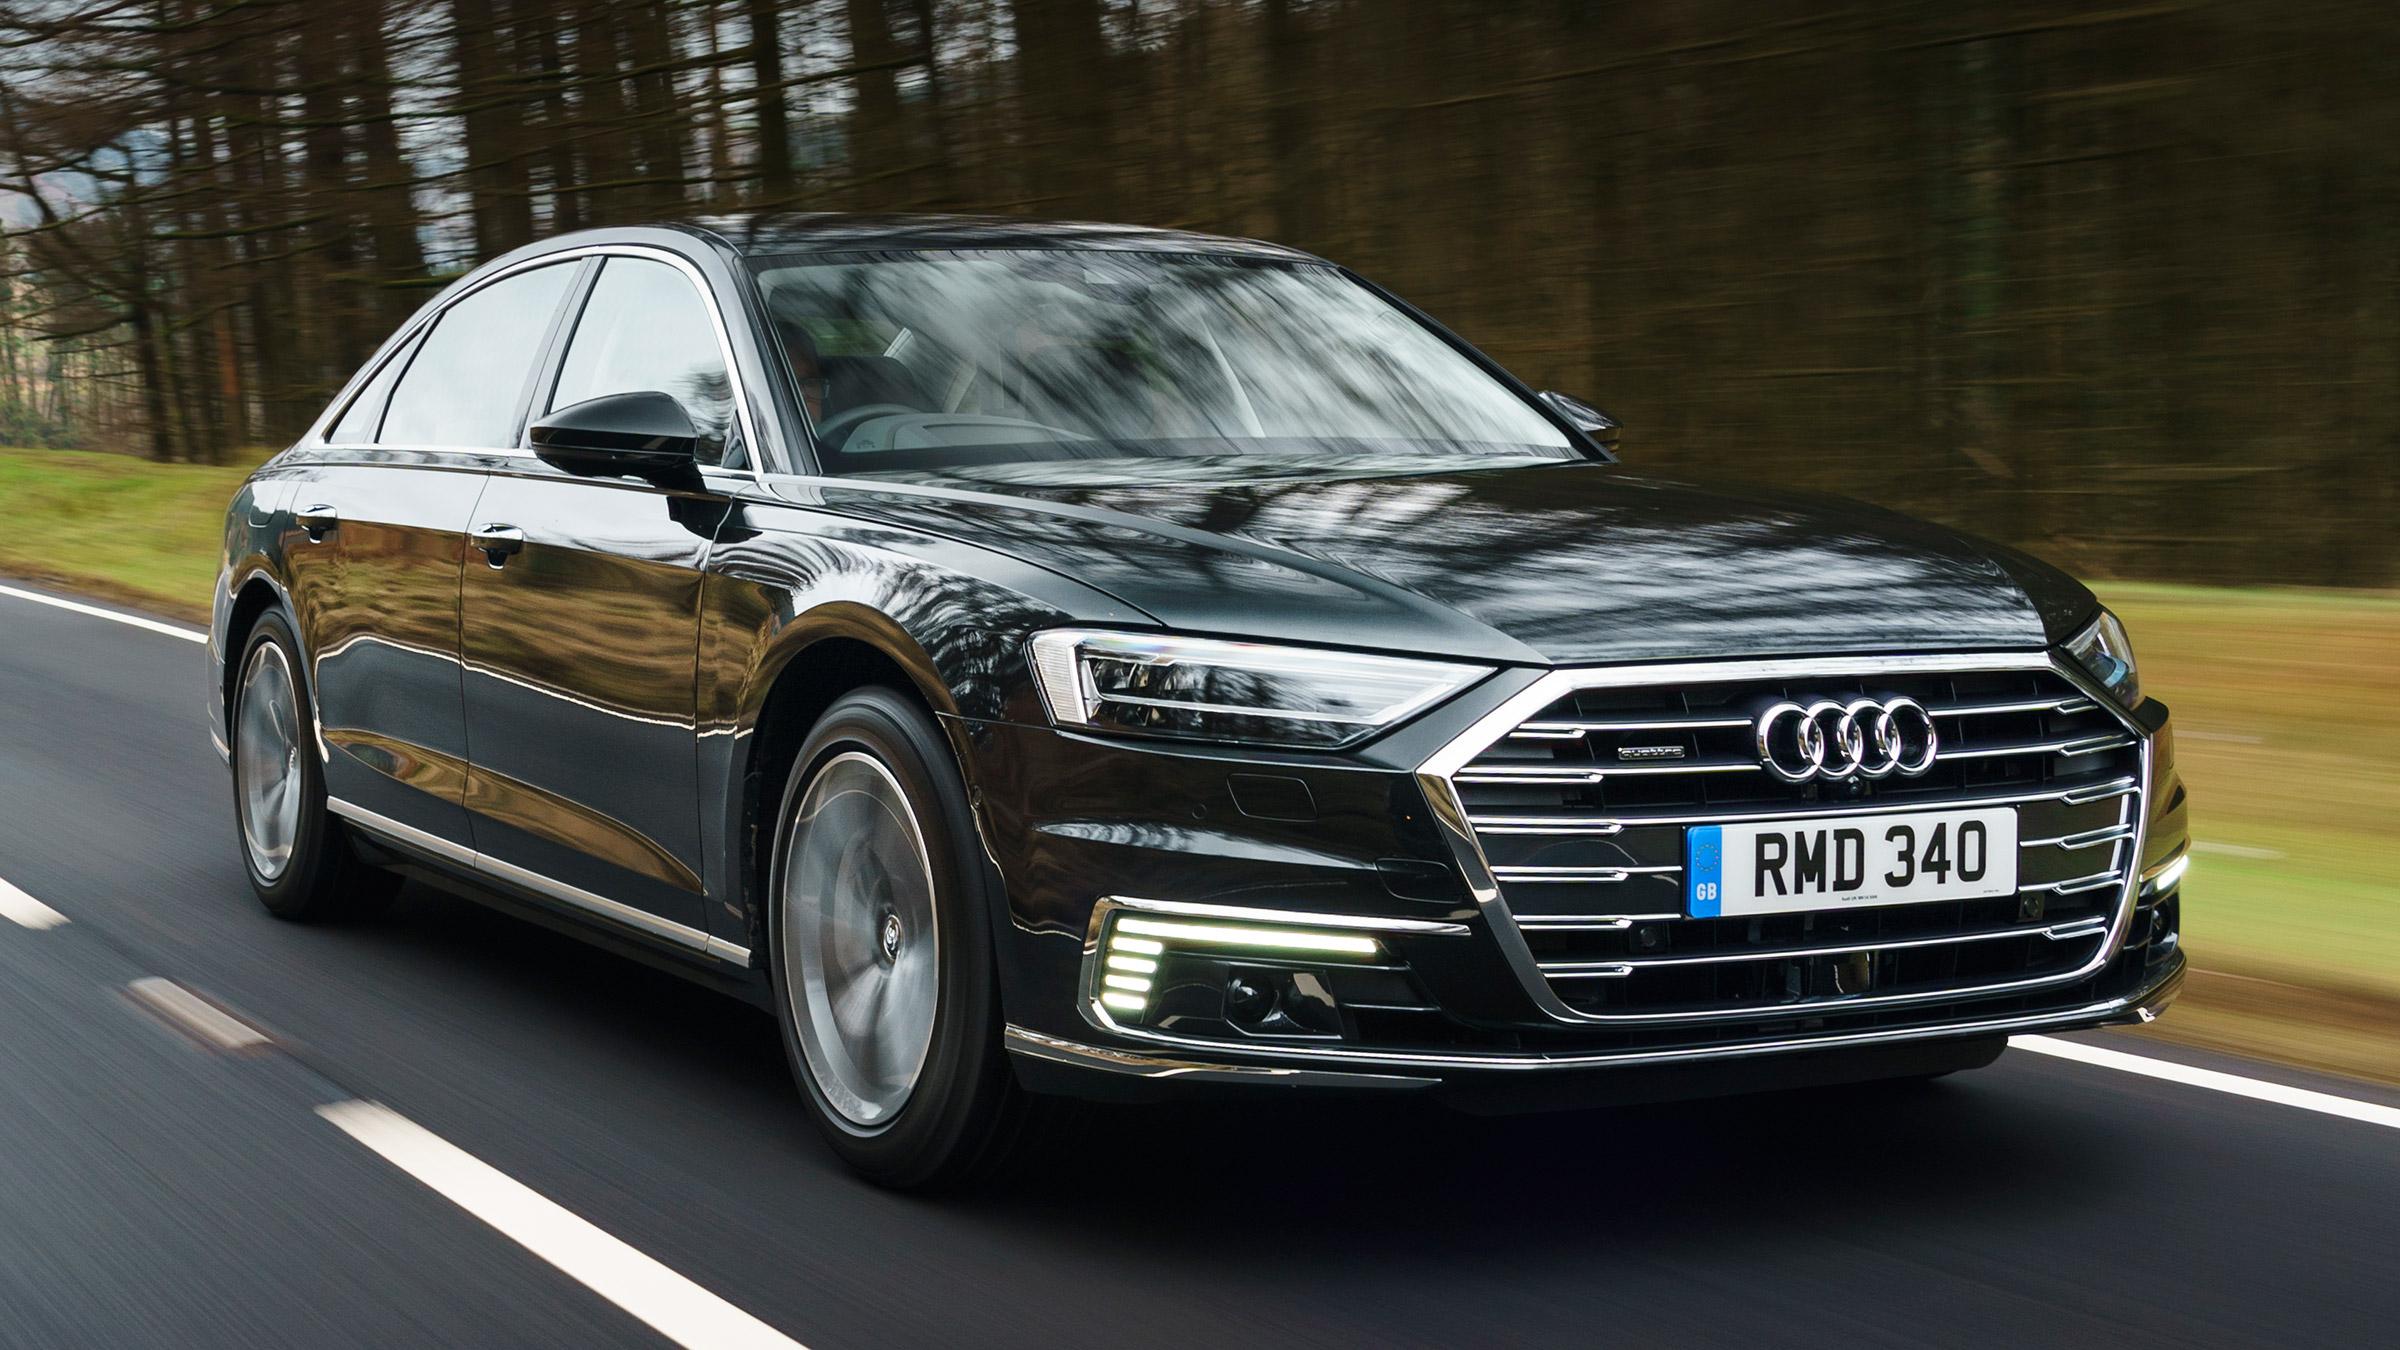 Kelebihan Kekurangan Audi A8 Spesifikasi